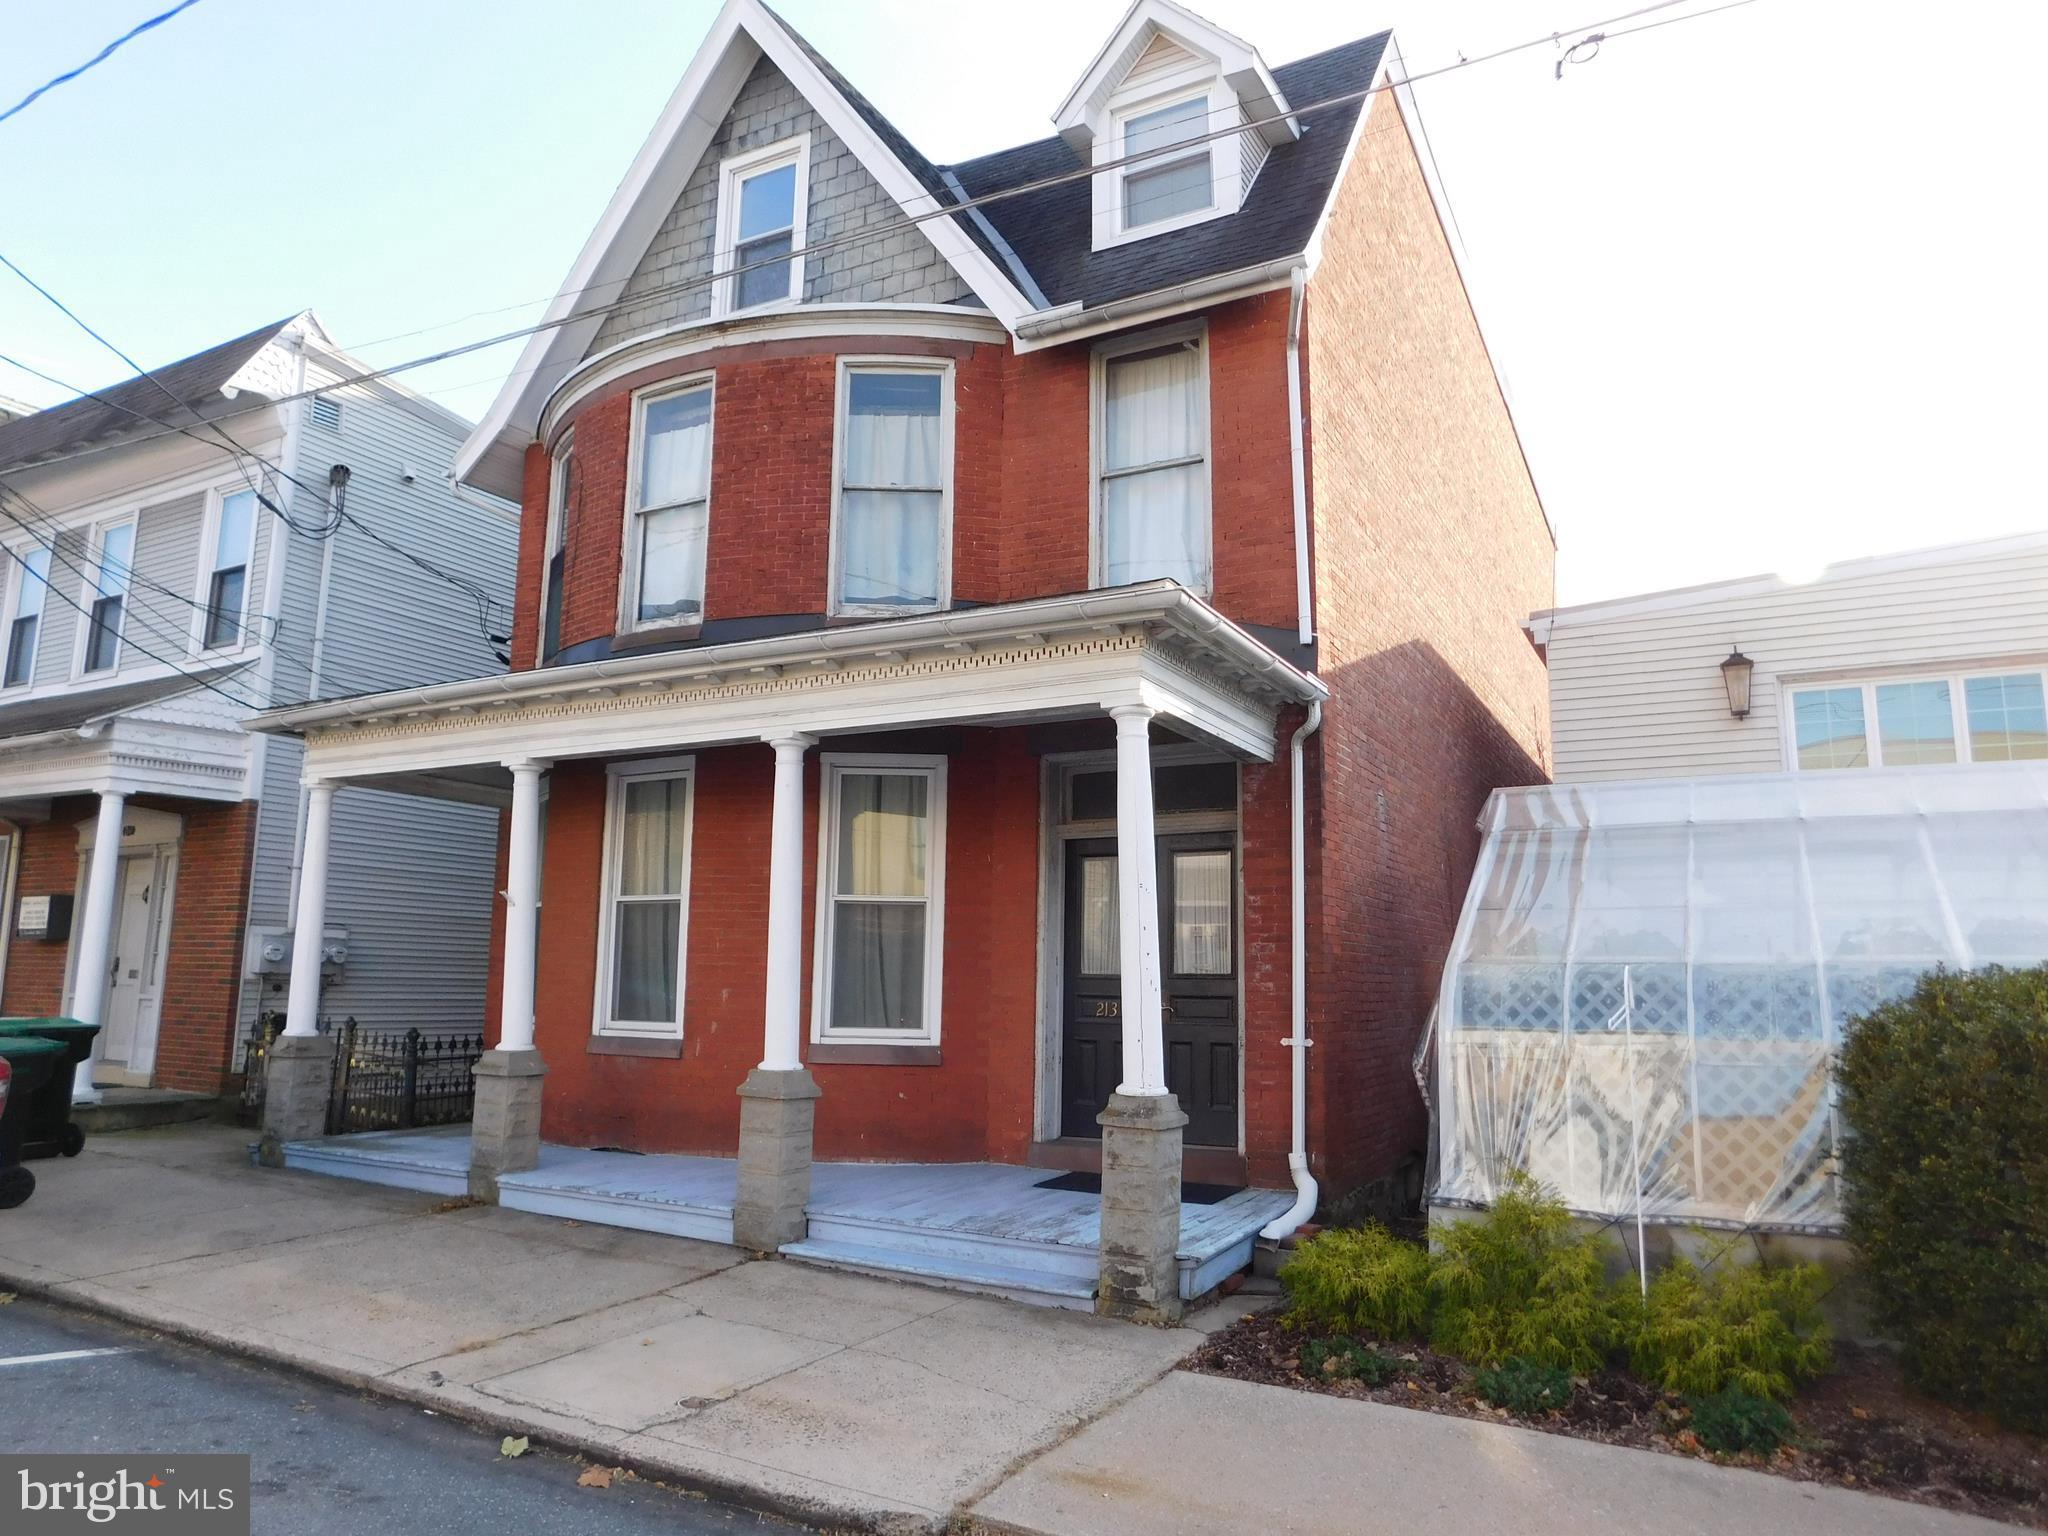 213 W MARKET STREET, ORWIGSBURG, PA 17961